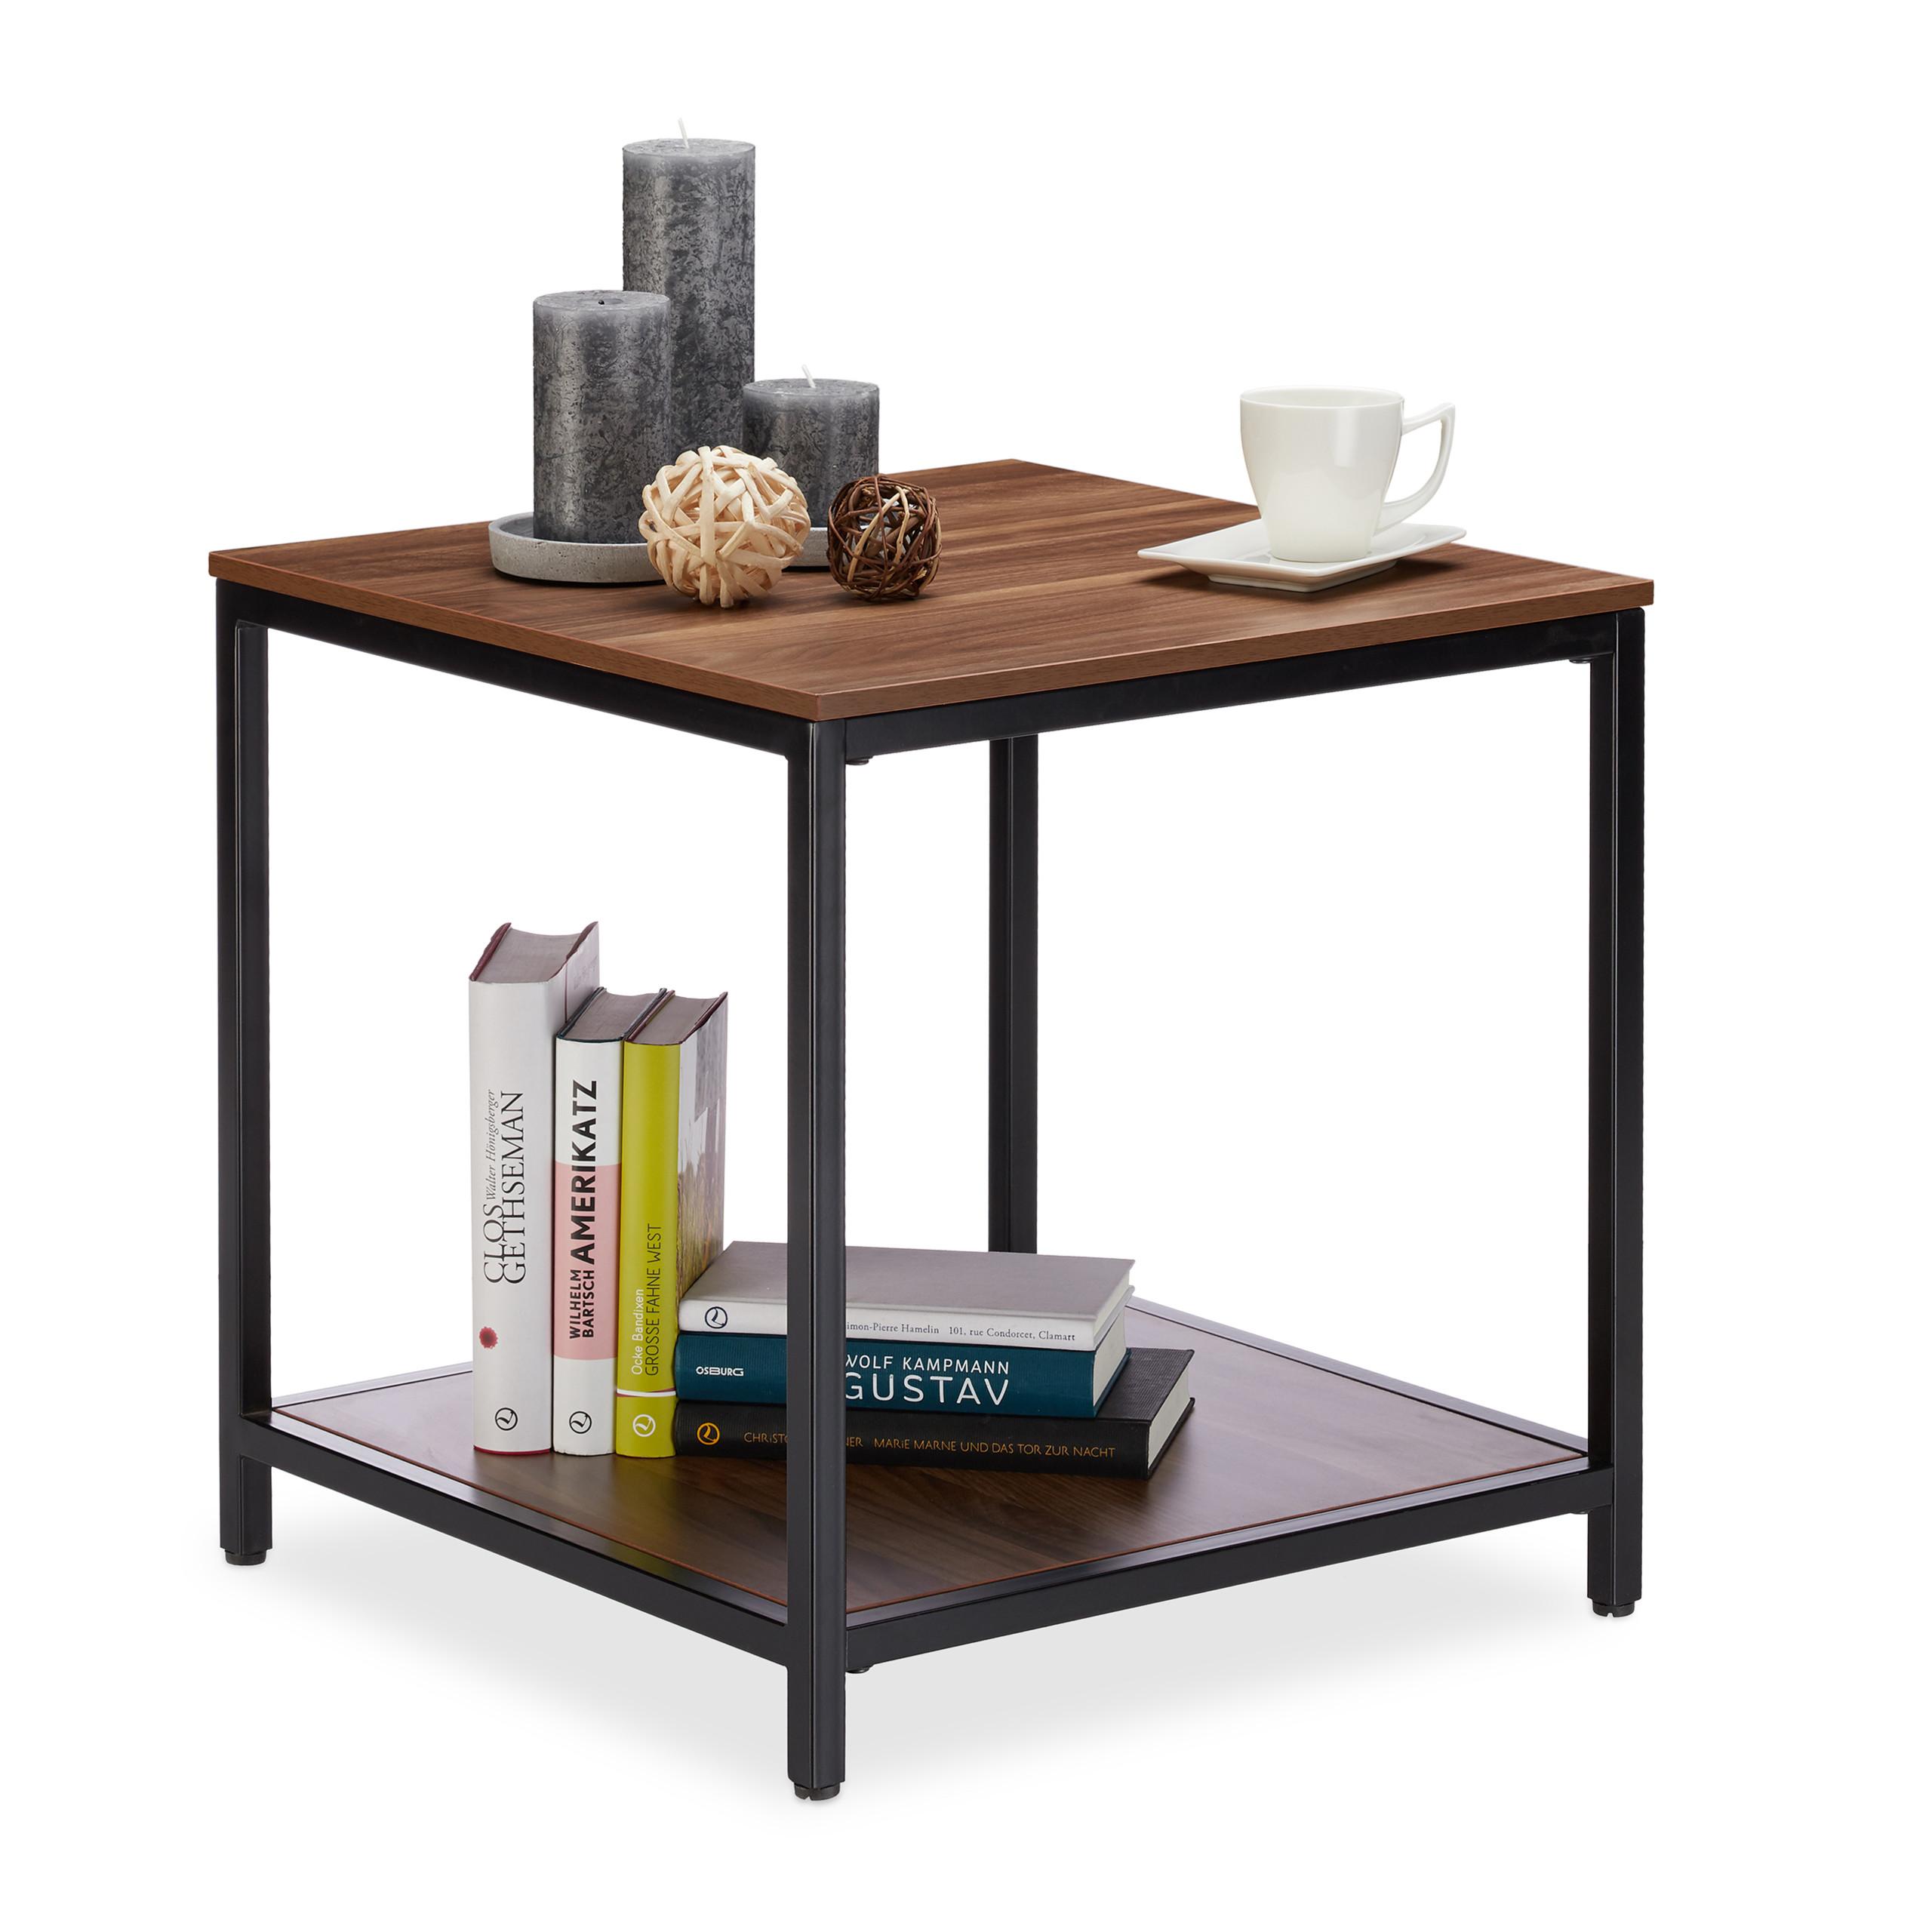 Tavolino da salotto in legno e metallo, 2 ripiani, tavolo basso per ...